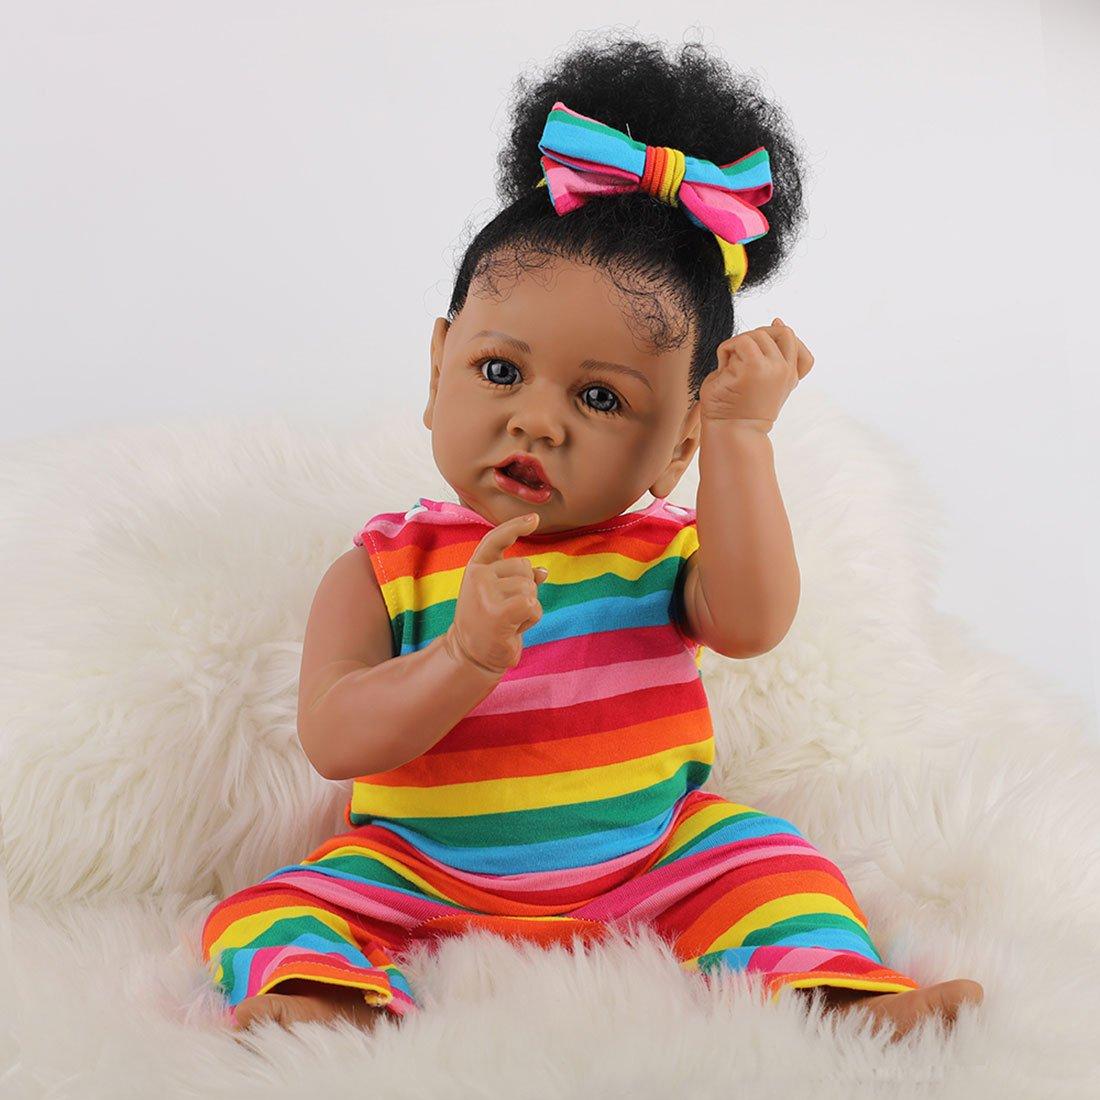 Poupée Afro-Américaine Réalistes 23 Pouces Bébé Poupées pour Enfants Jouets pour Enfants